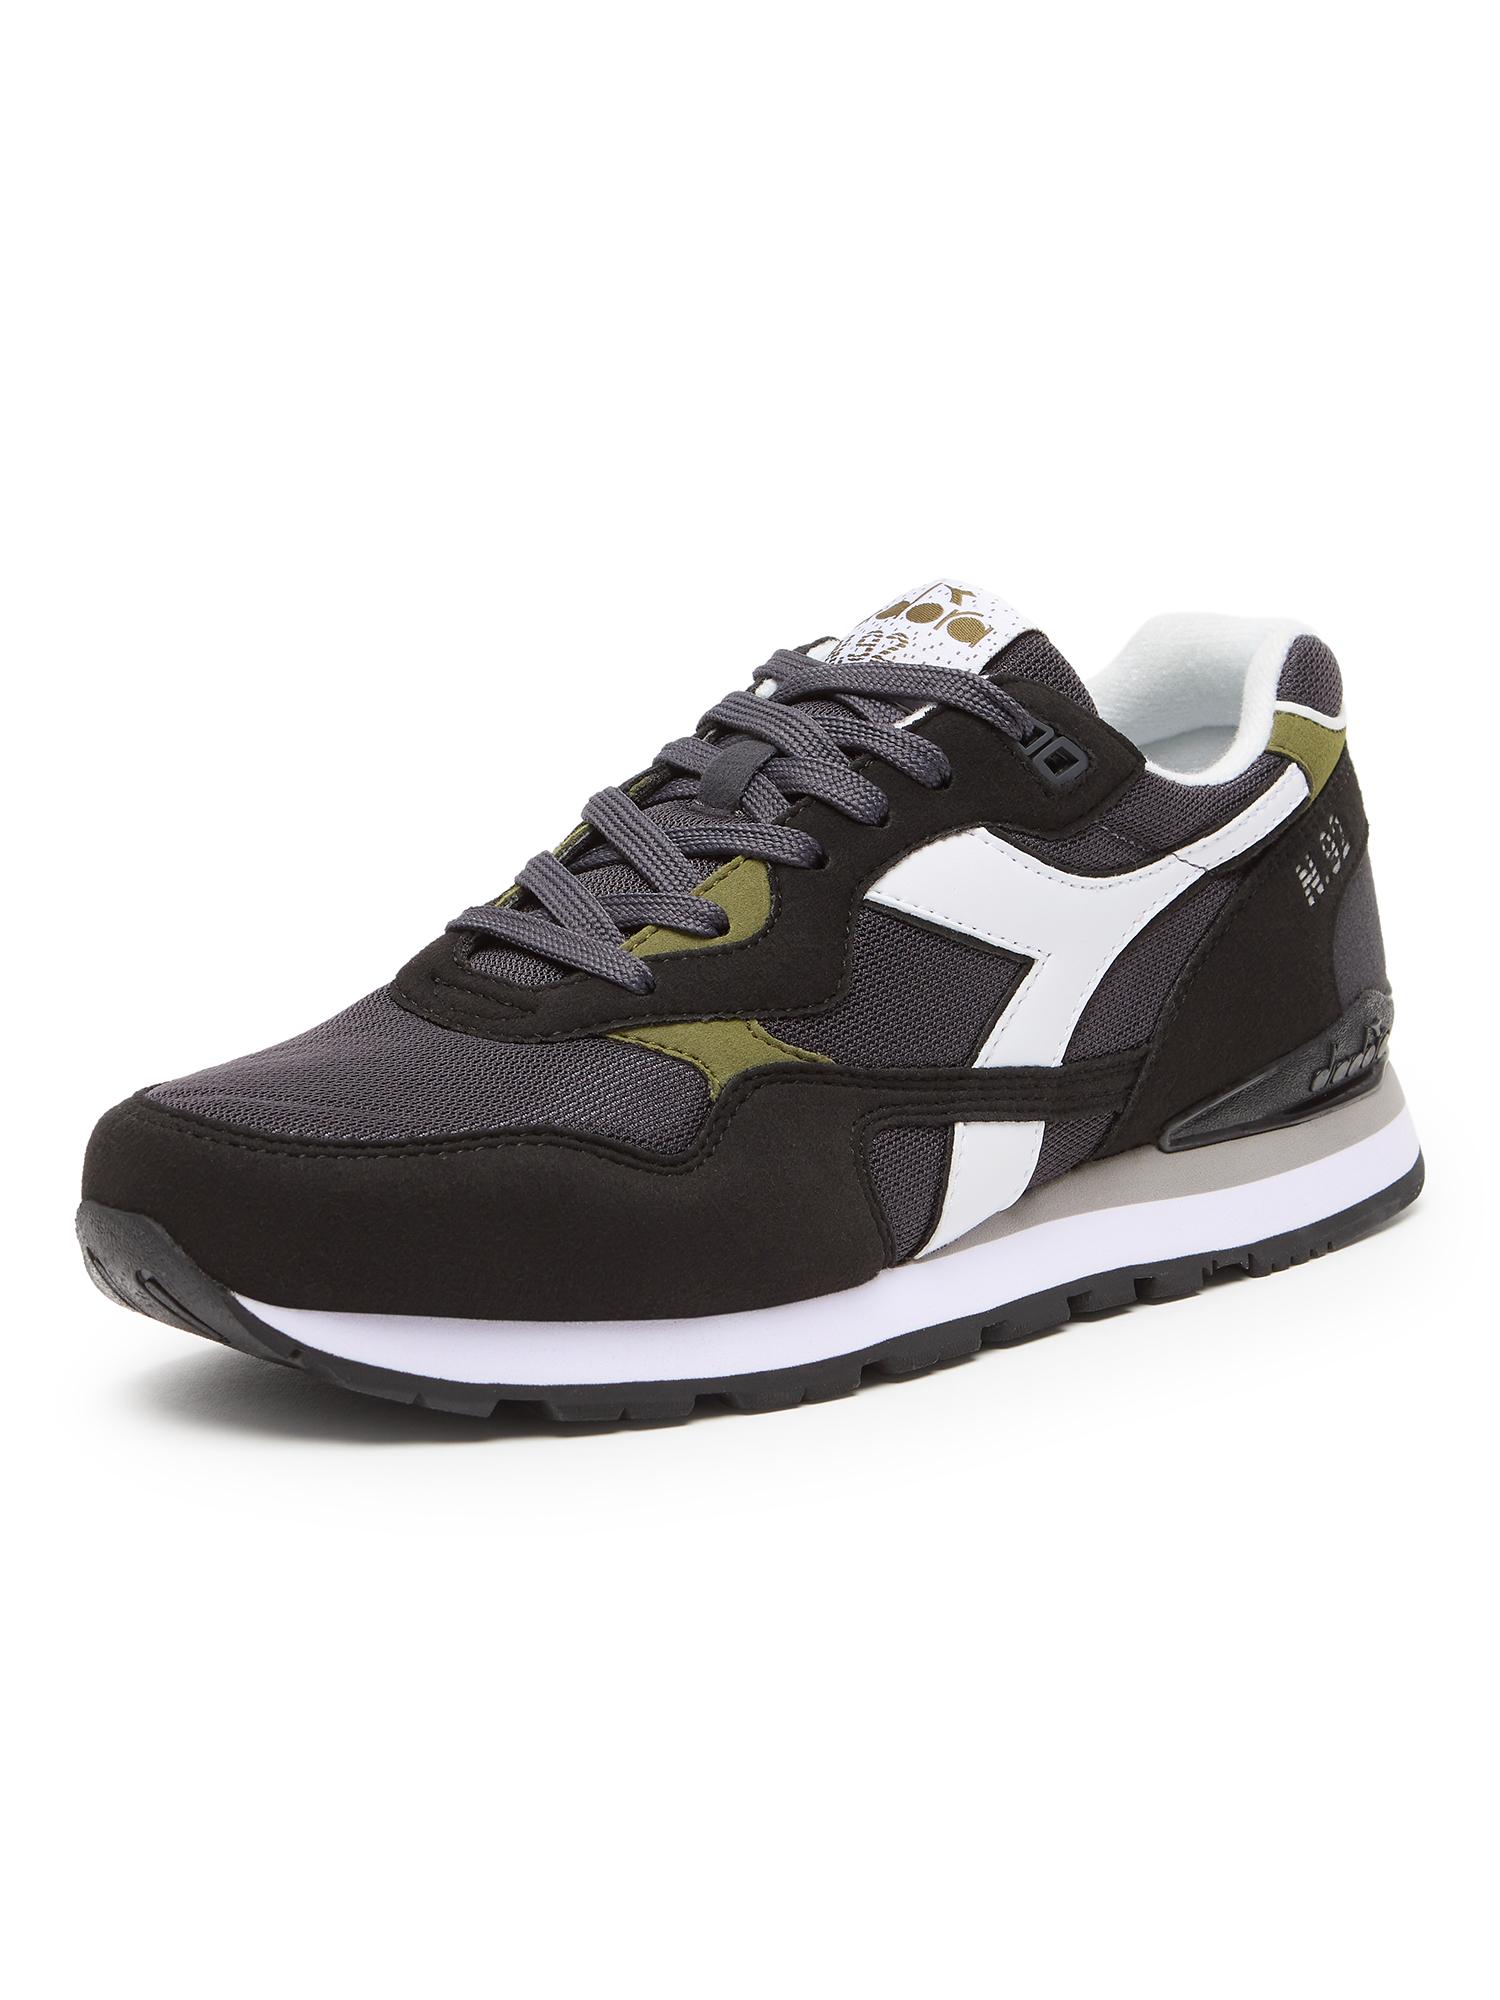 miniatura 60 - Diadora - Sneakers N.92 per uomo e donna